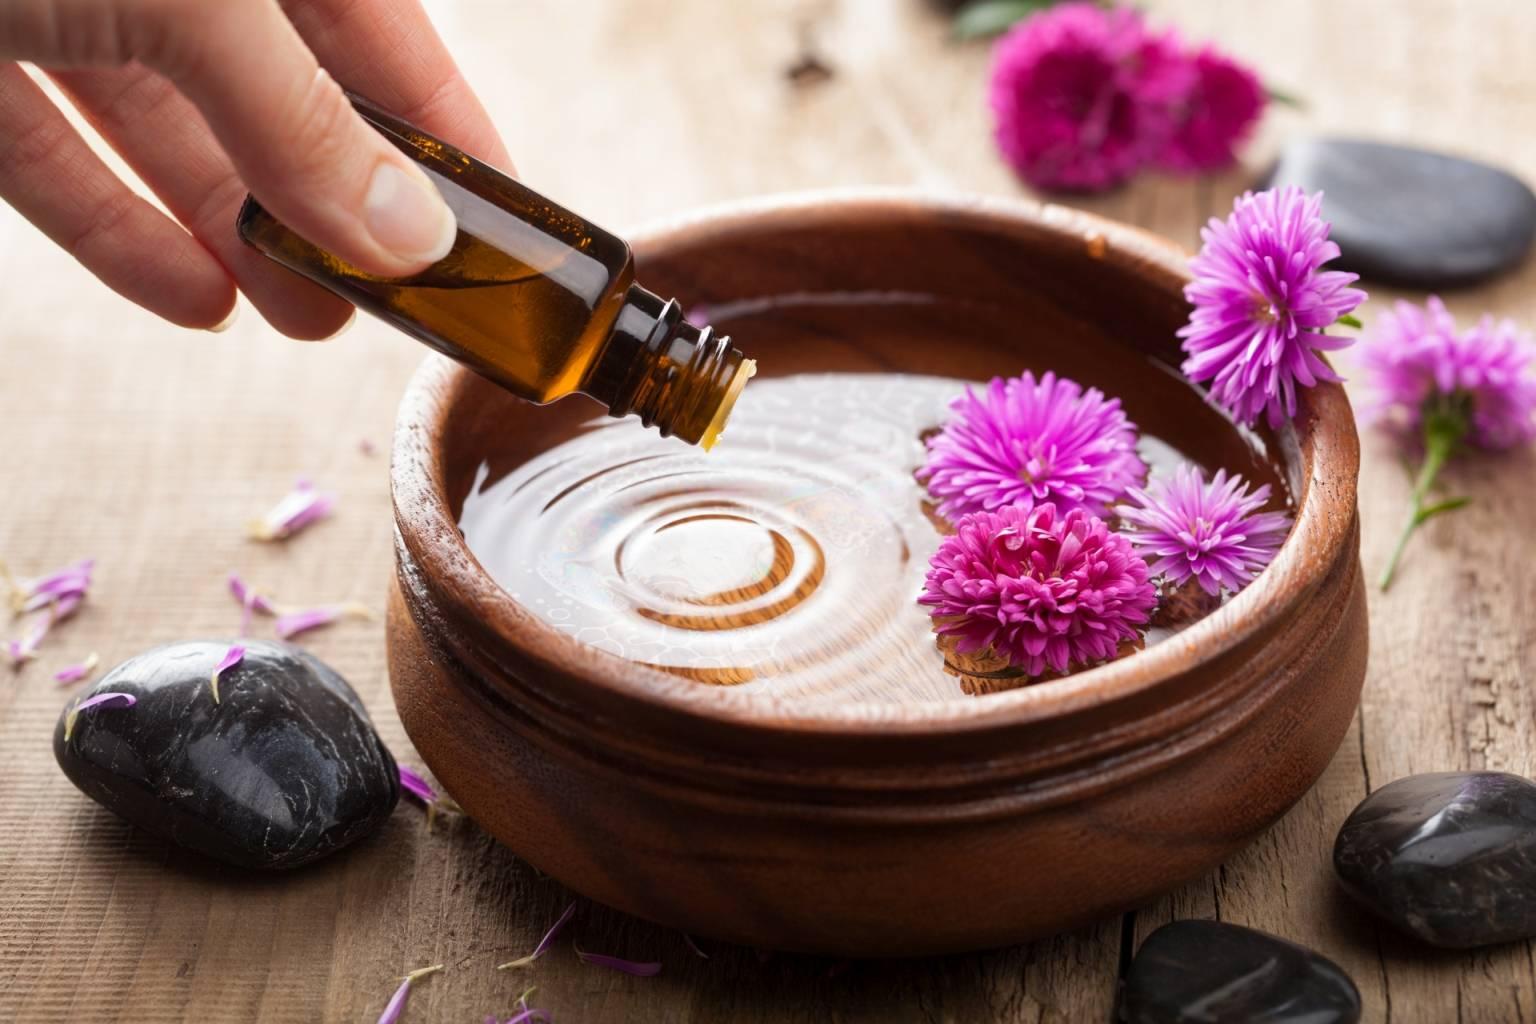 Olejki eteryczne pomagają w leczeniu różnych dolegliwości. Kobieca ręka wkrapla olejek eteryczny do brązowej miski z wodą i różowymi kwiatami polnymi.